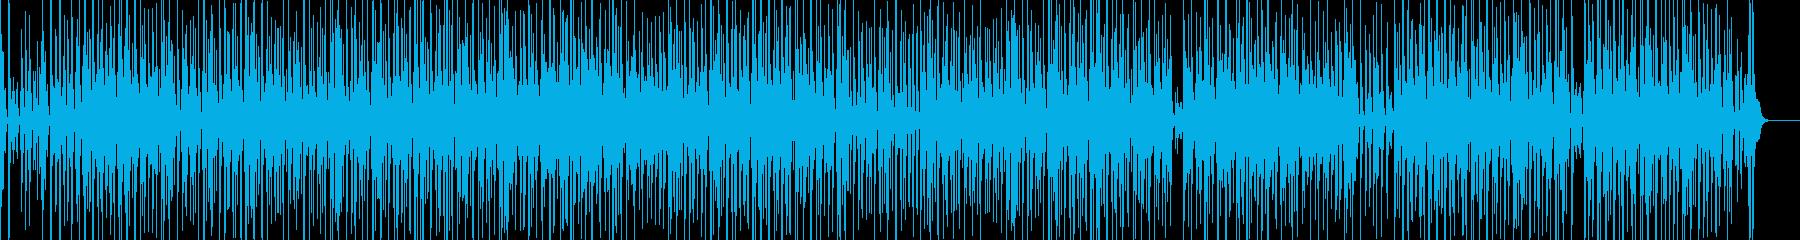 ファンキーな三味線ヒップホップの再生済みの波形